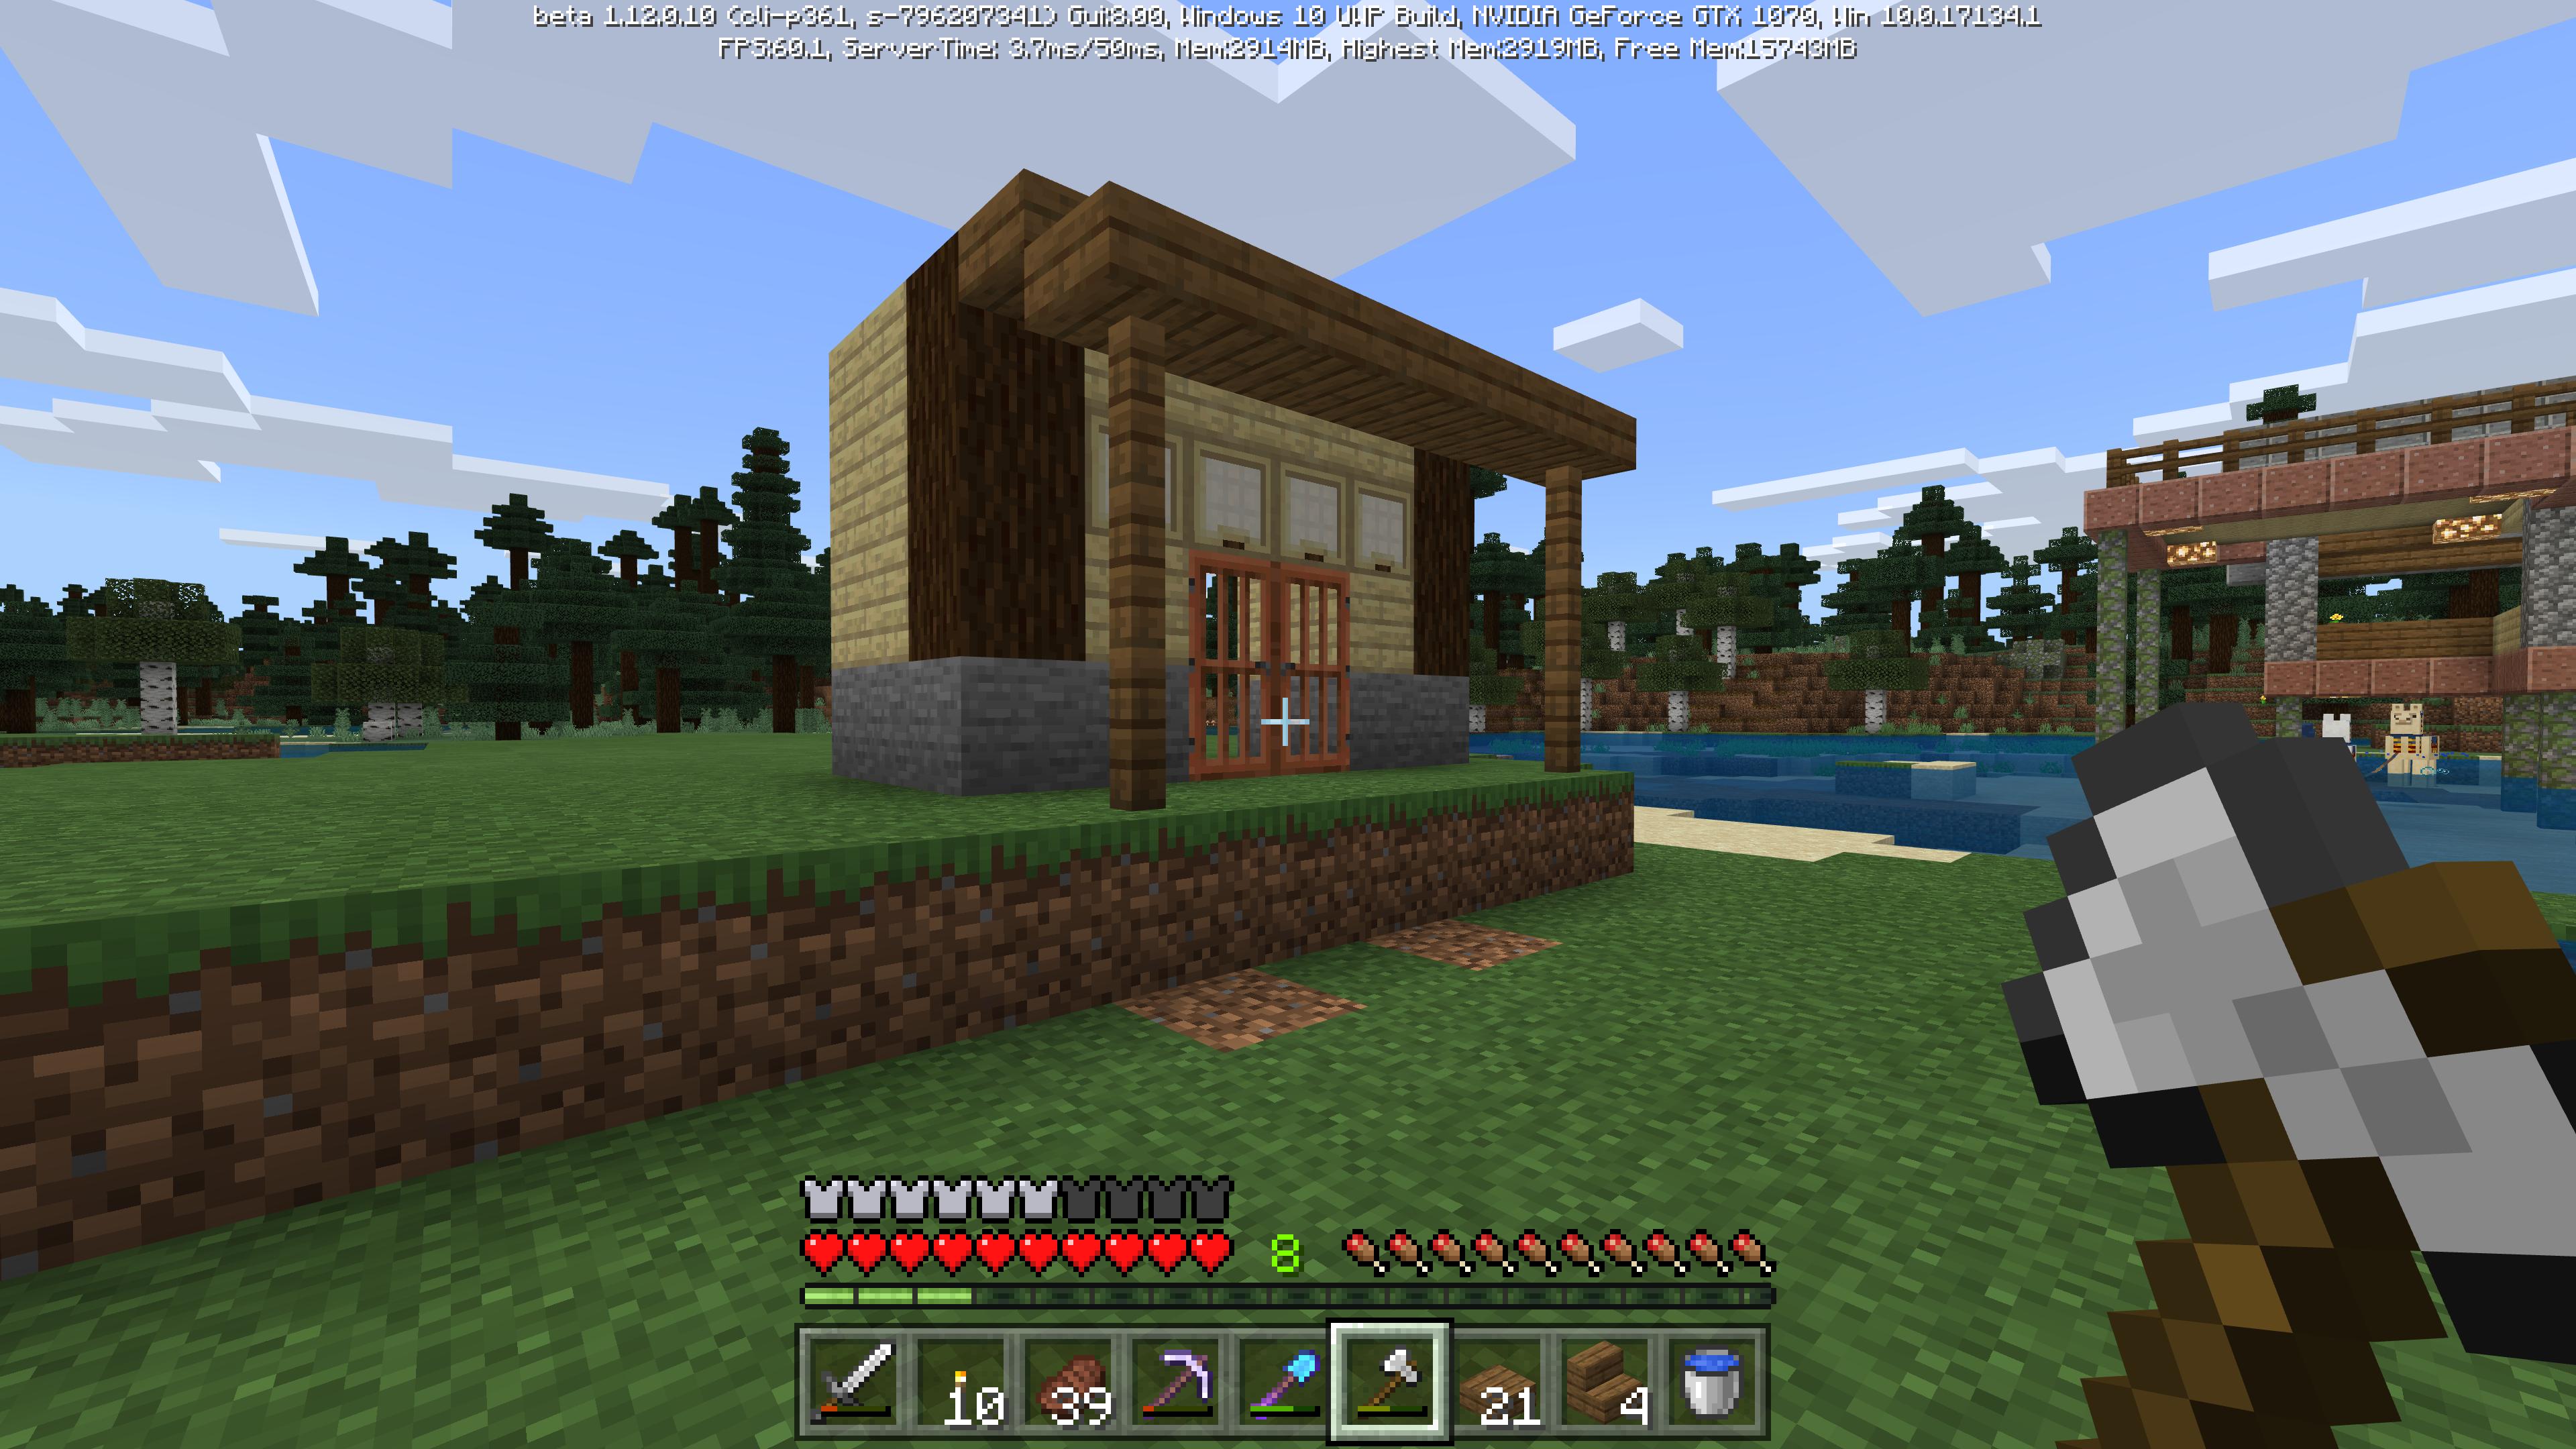 Minecraft 縁側の似合うお家が作りたい!初めての和風建築に